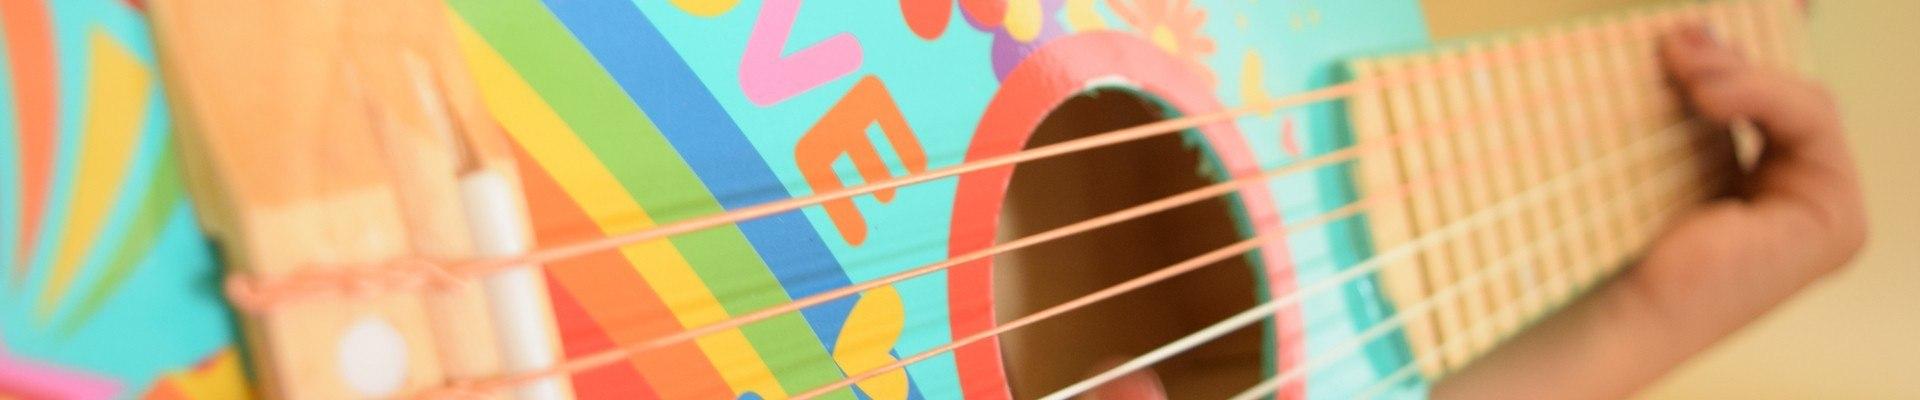 Instrumentos musicales de madera para niños y bebés